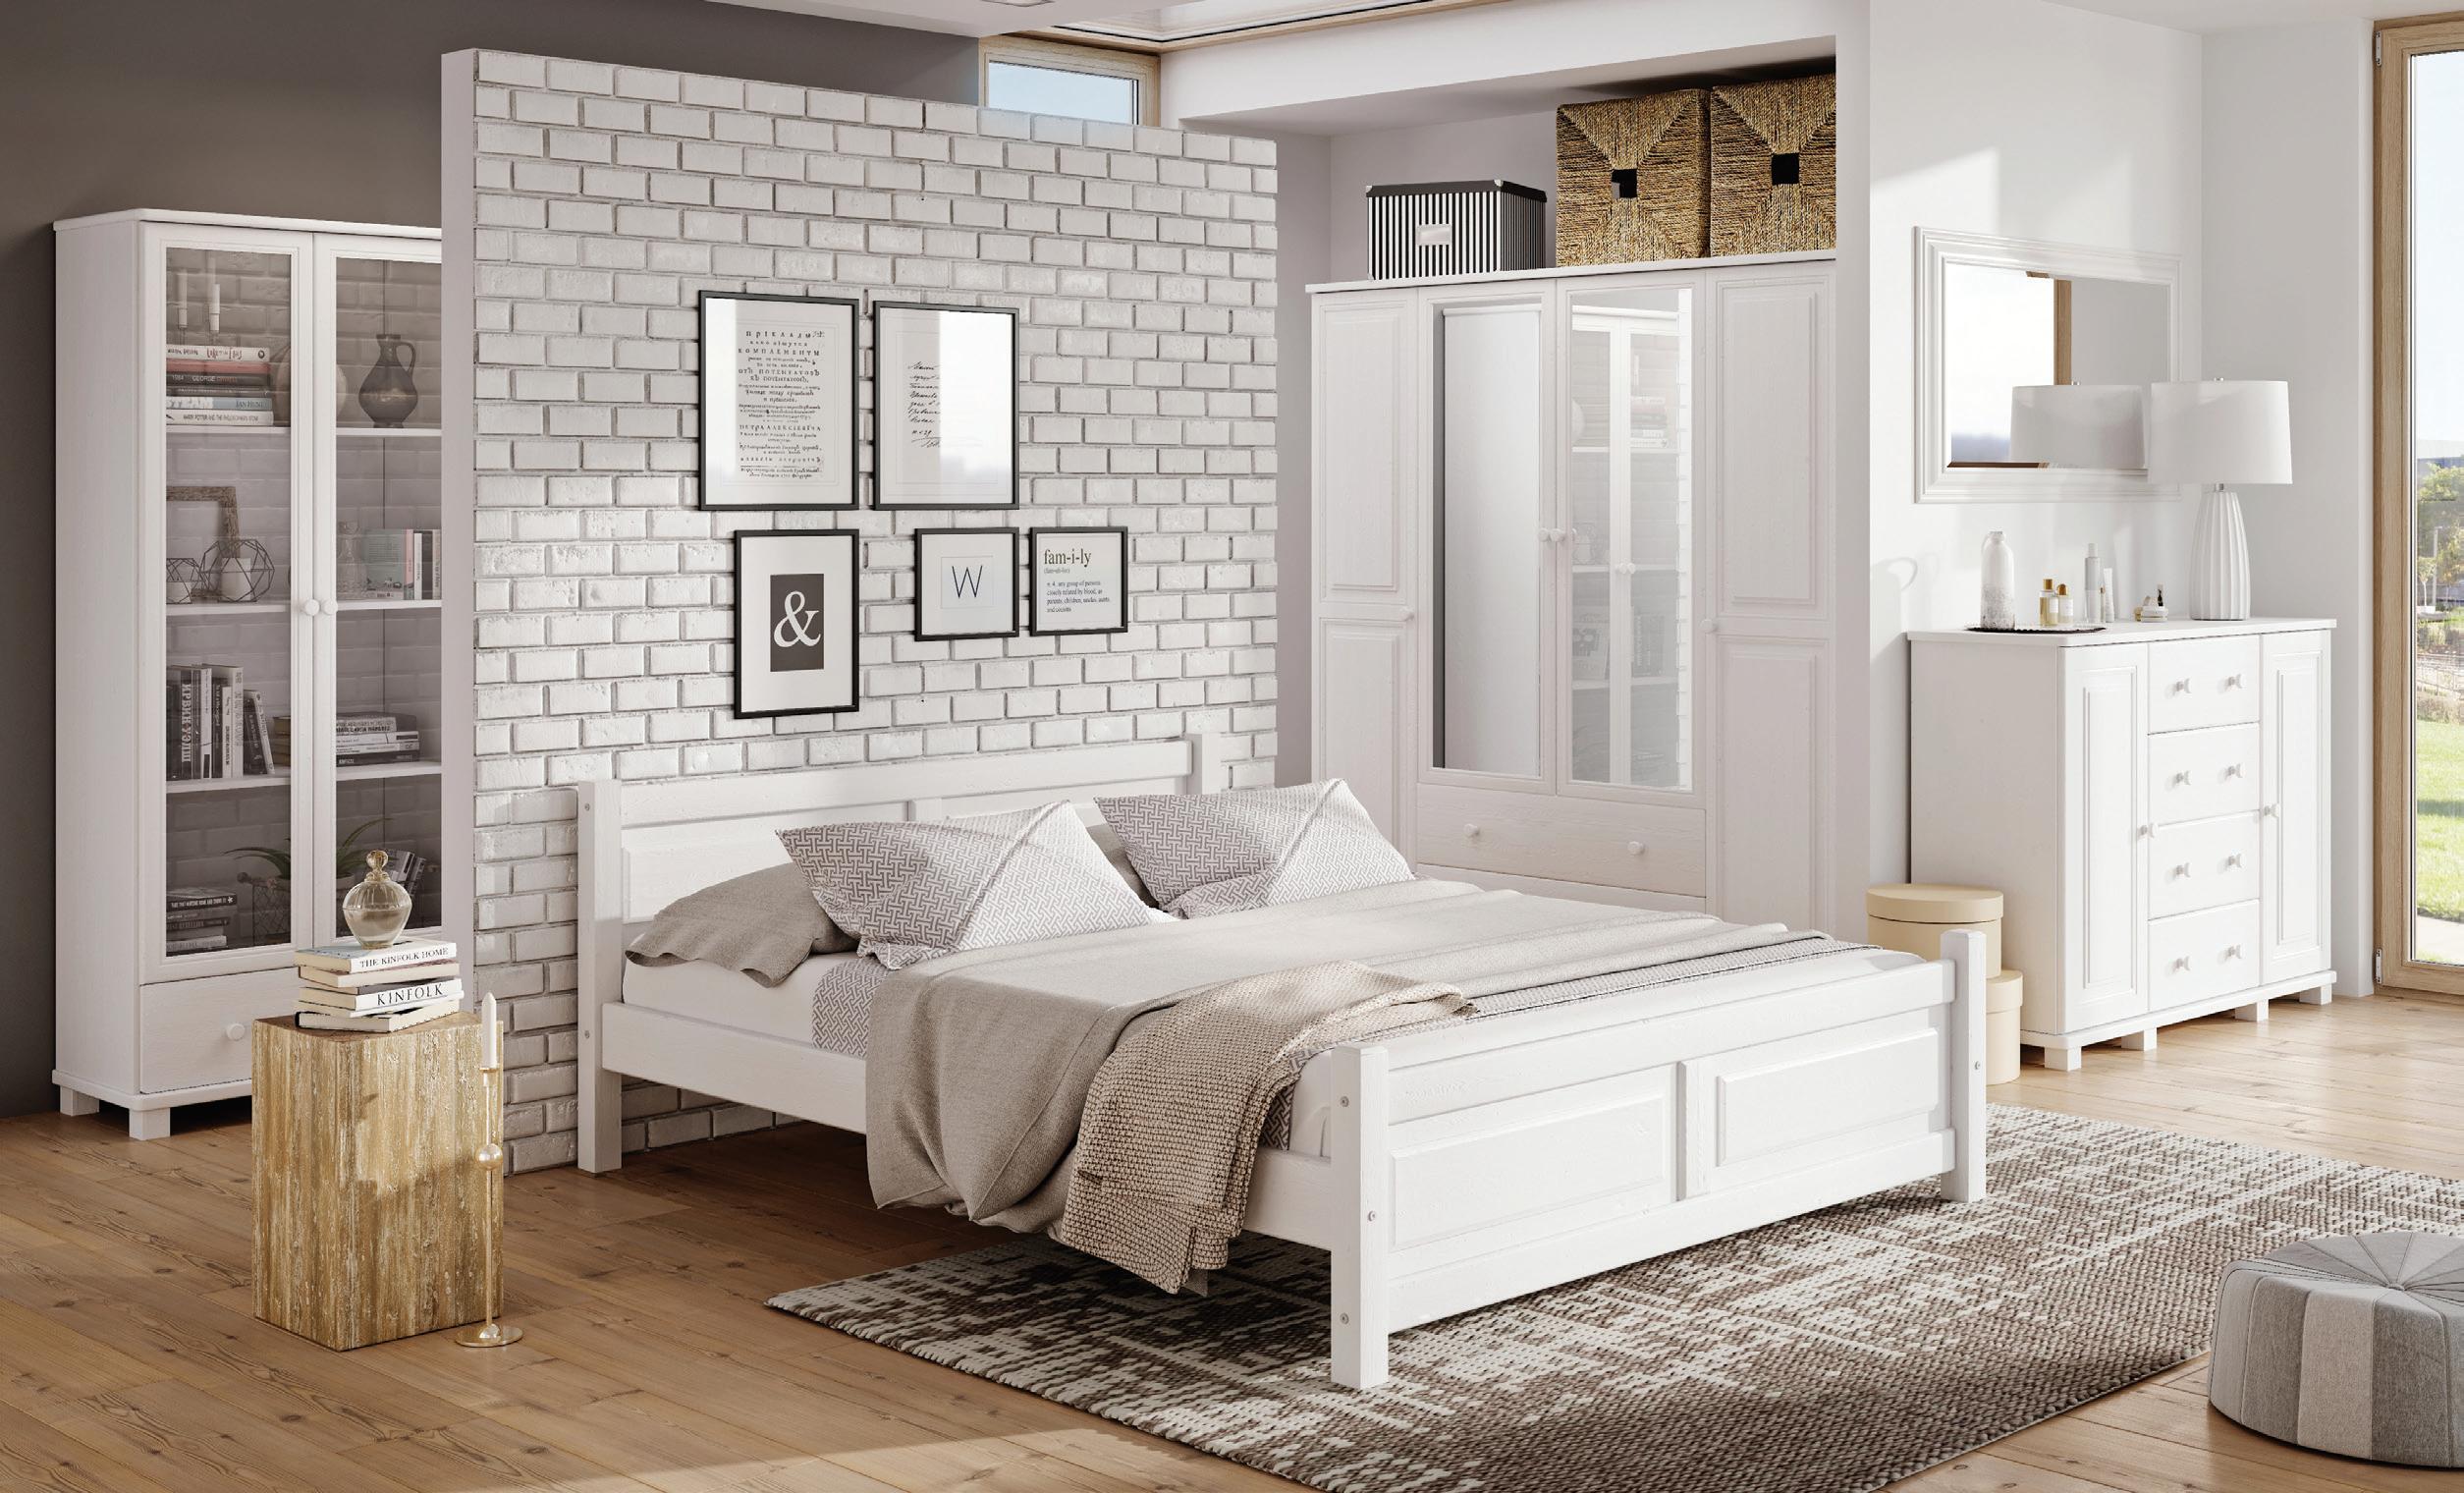 łóżko Sosnowe Lk3110 Drewmax świat Sypialni Bielsko Rybnik Cieszyn